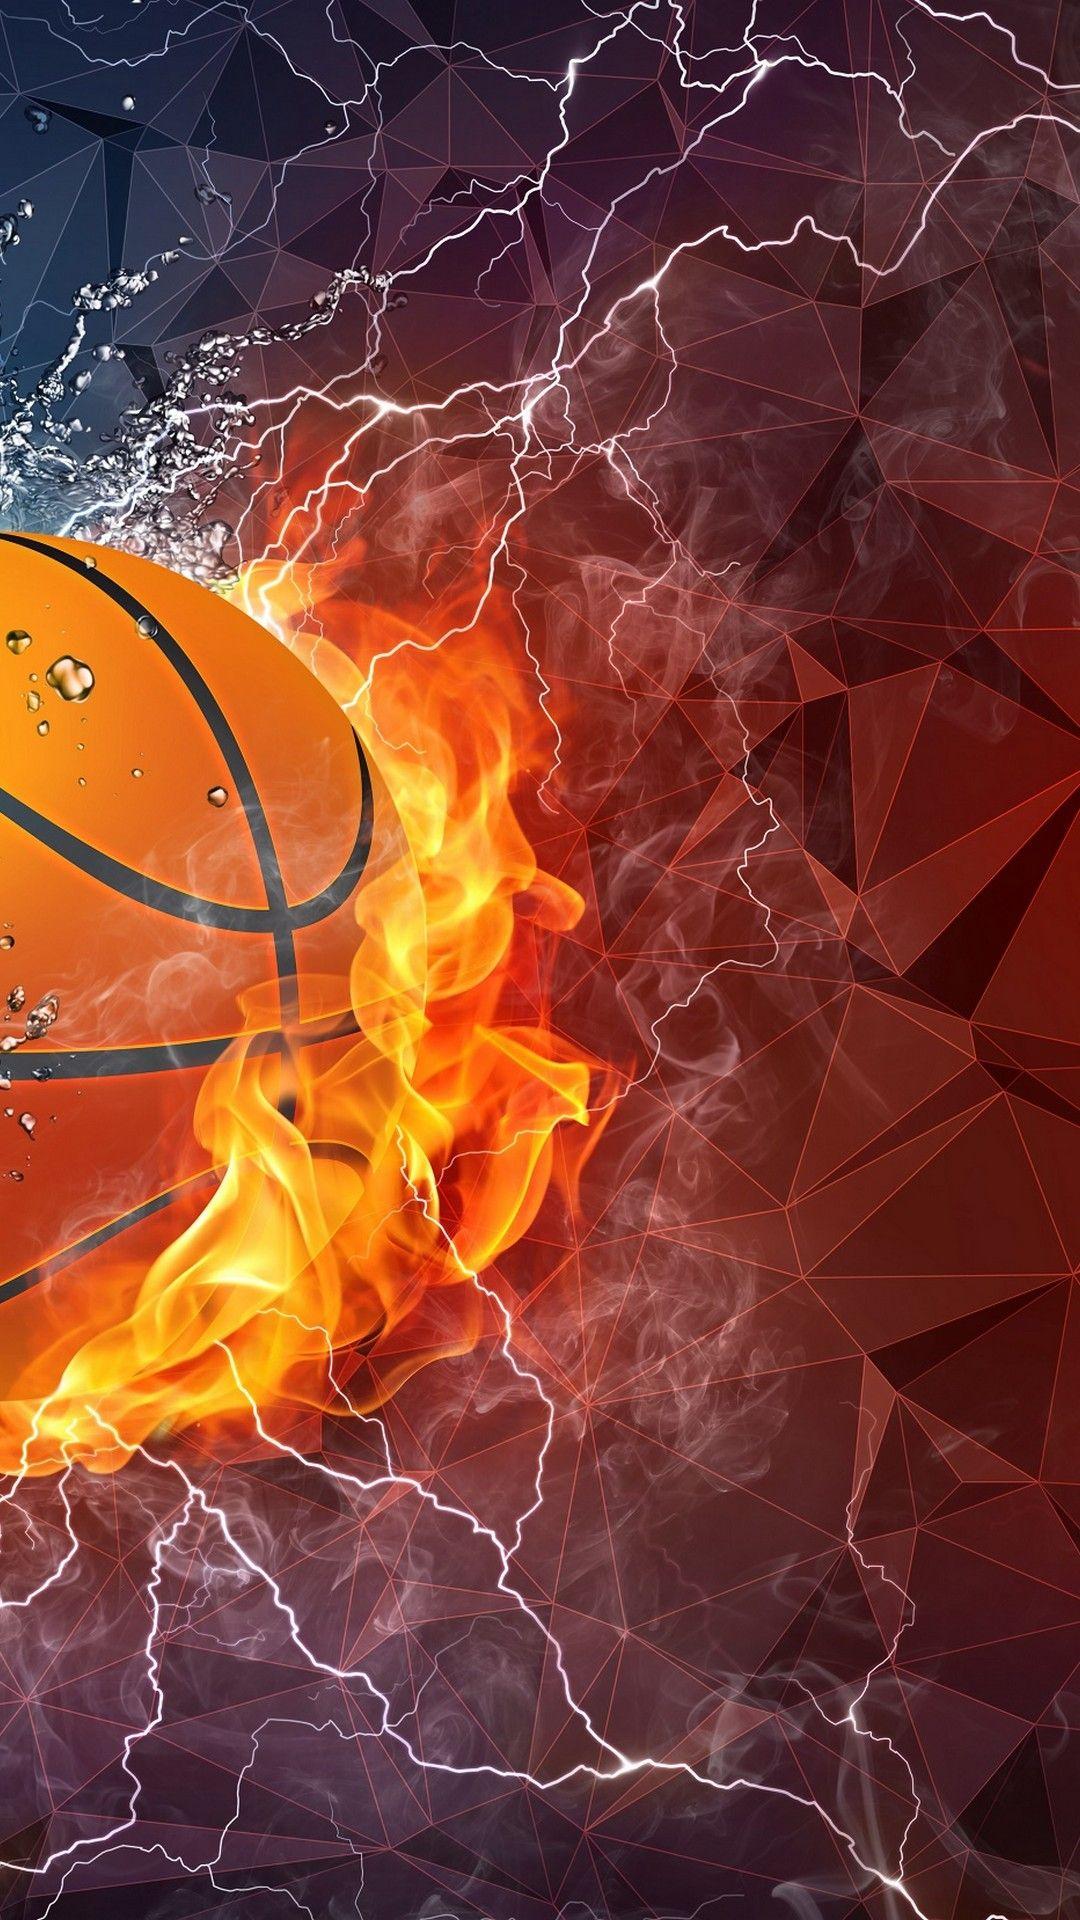 Mobile Basketball wallpapers hd, Cool basketball